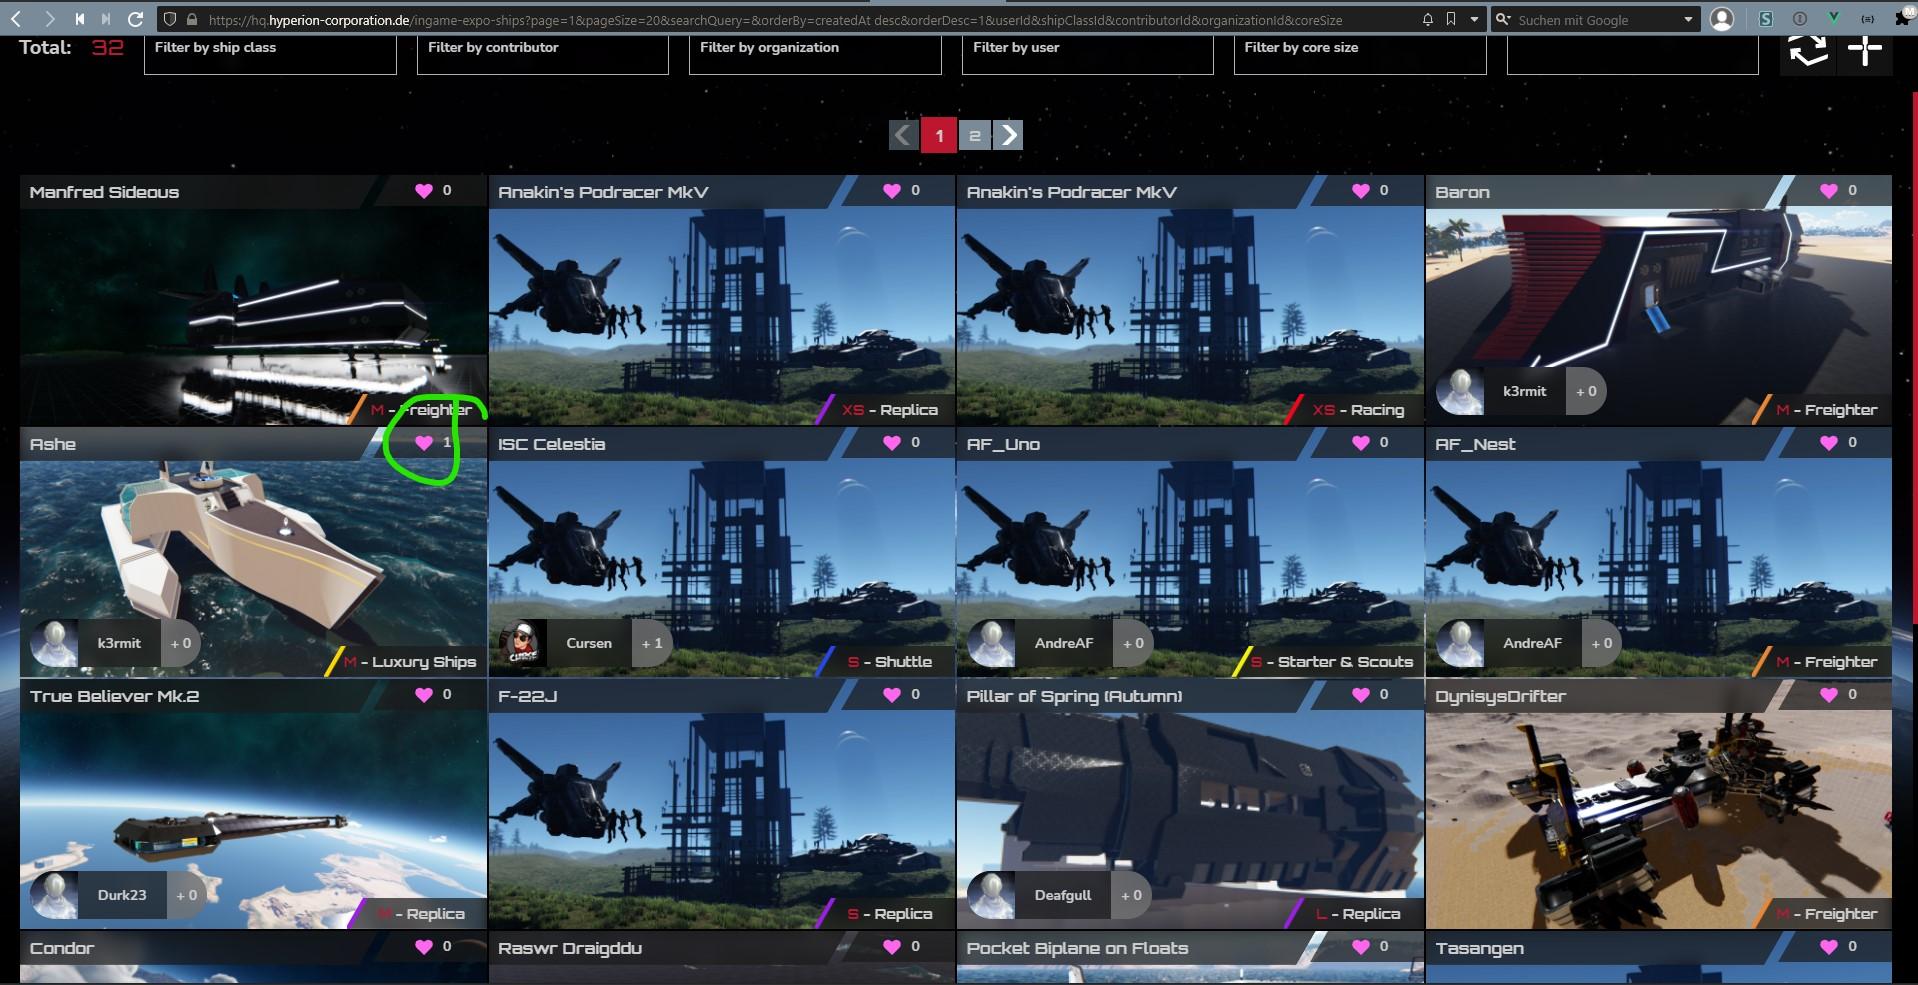 Screenshot_2020-11-26_191800.jpg